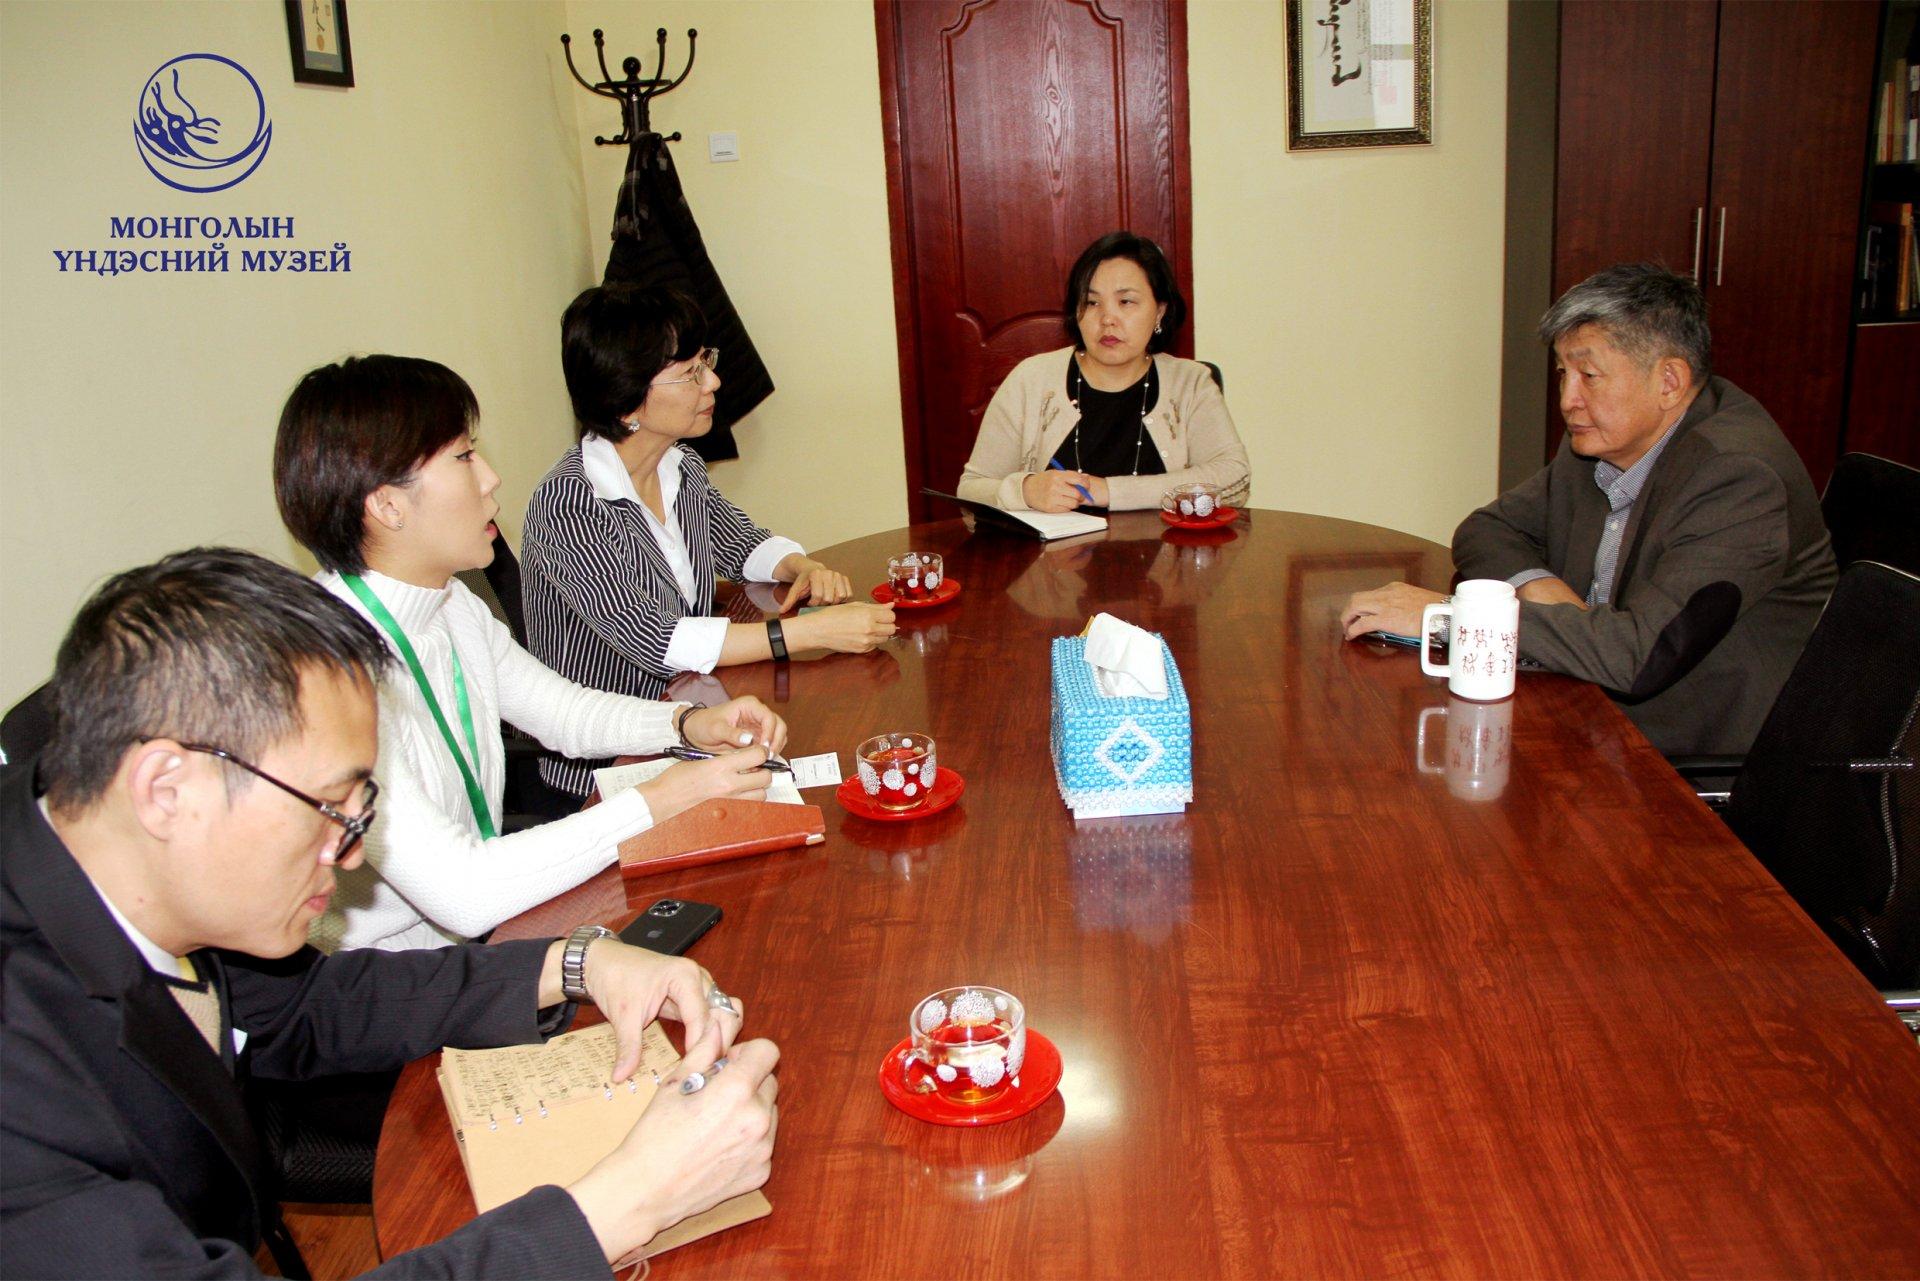 Тайпейн Худалдаа, эдийн засгийн Улаанбаатар дахь төлөөлөгчийг хүлээн авч уулзлаа